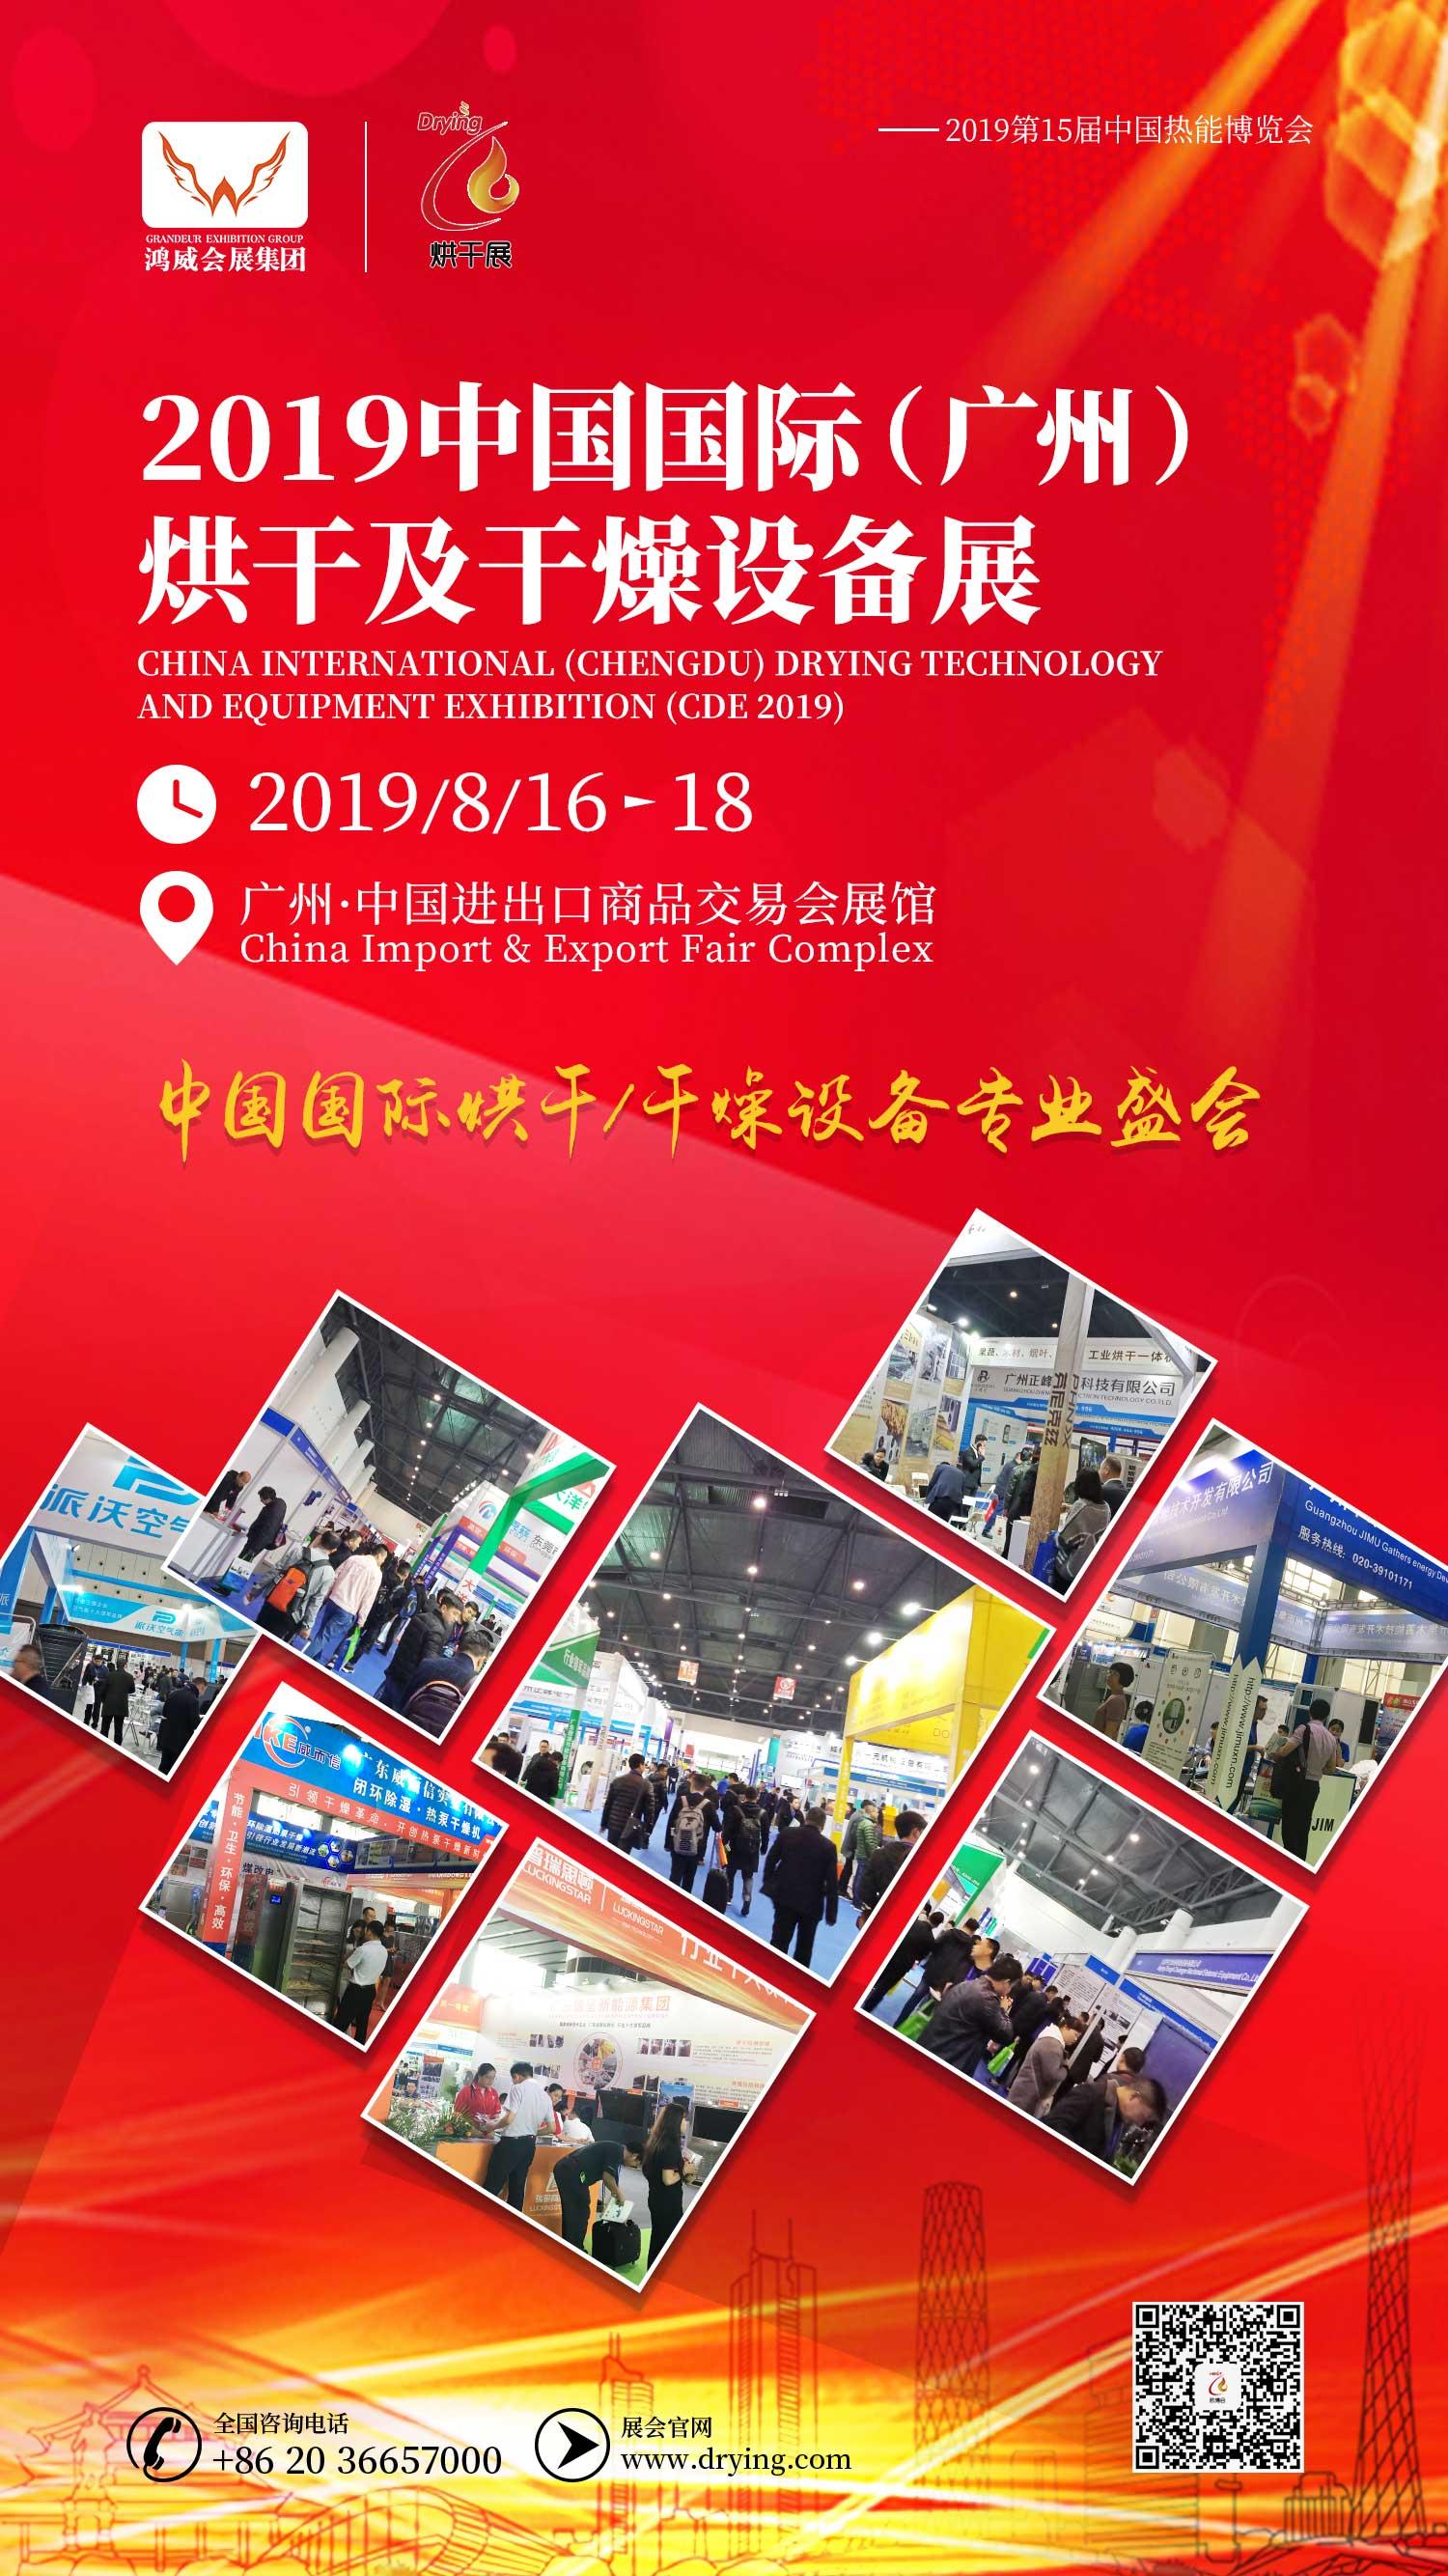 2019中国国际烘干及干燥设备展(CBF)